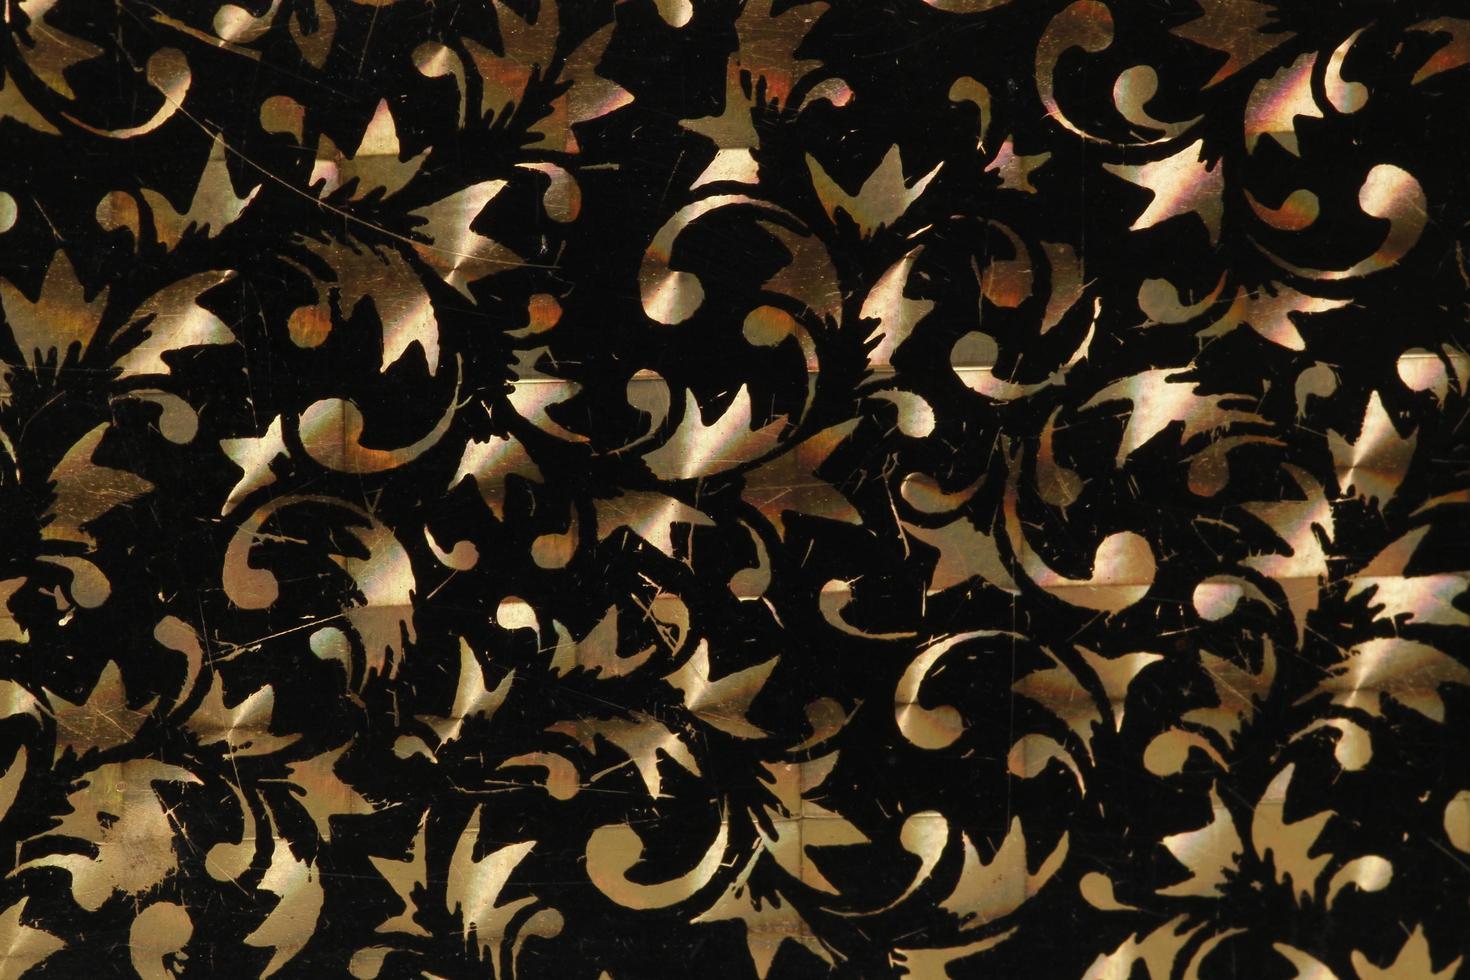 Fondo perlado procesado con pintura especial sobre metal latón. foto